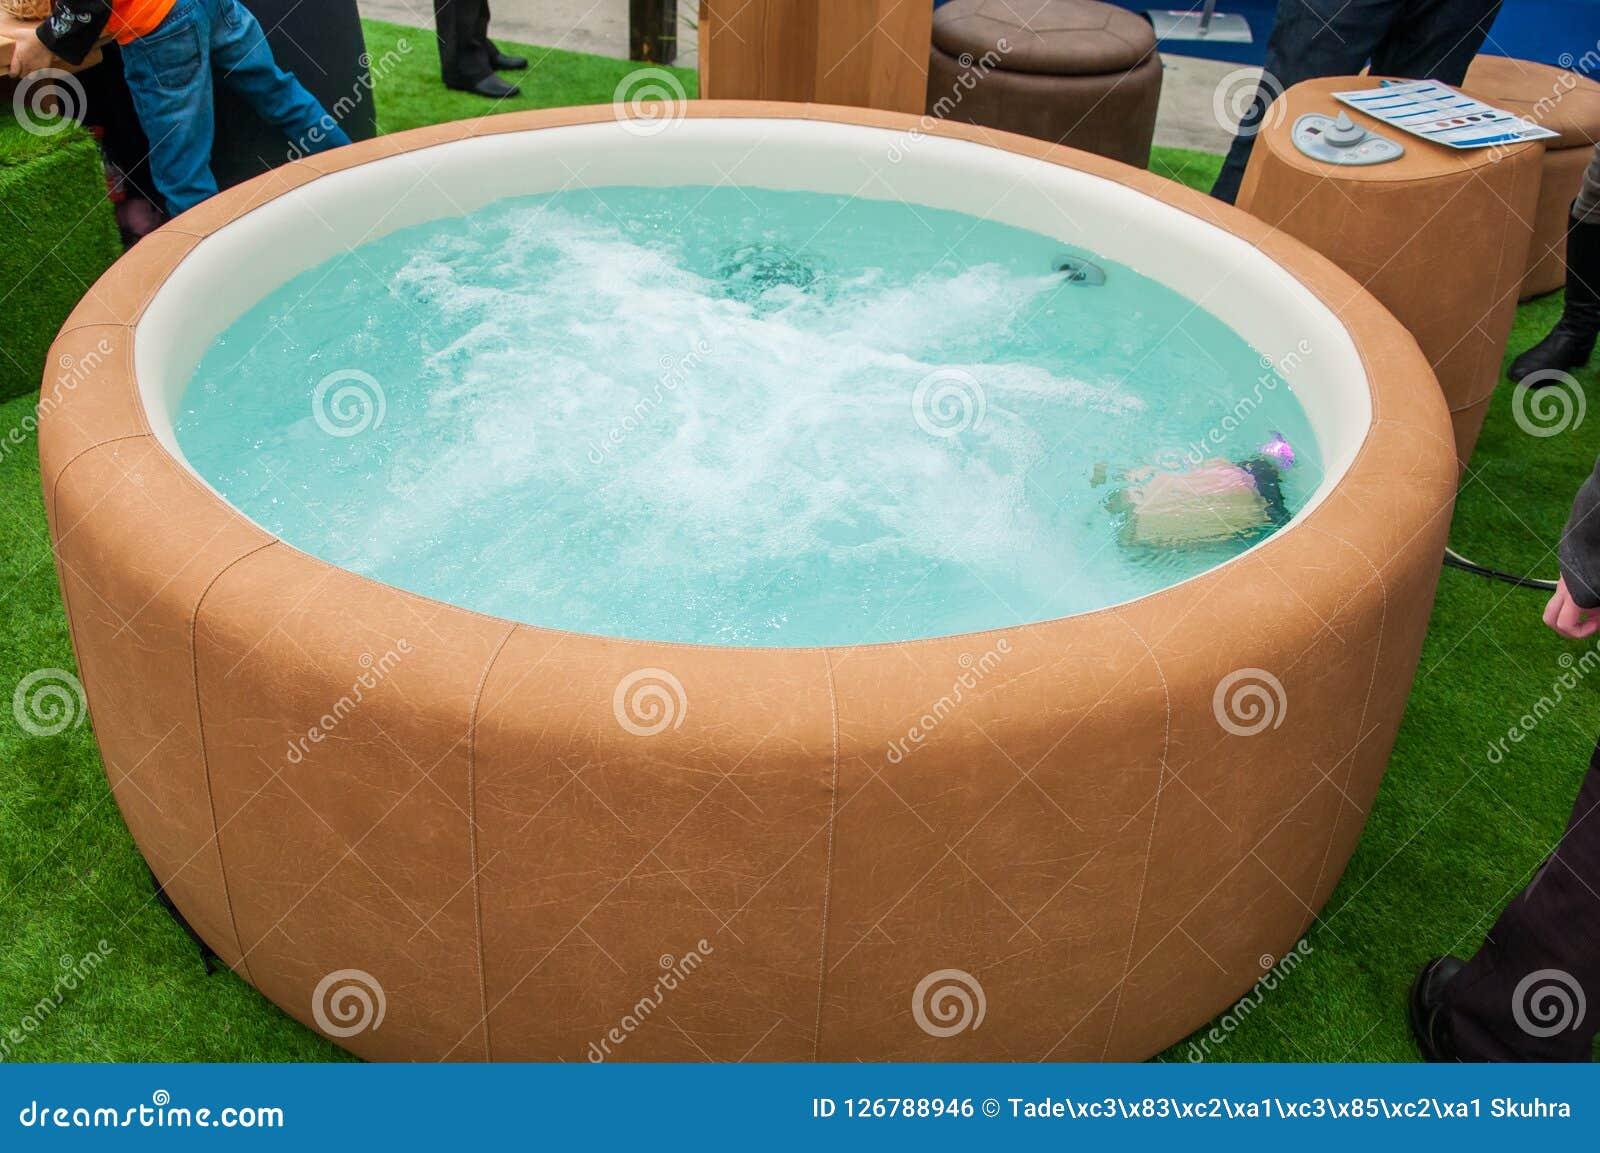 Closeup of hot tub